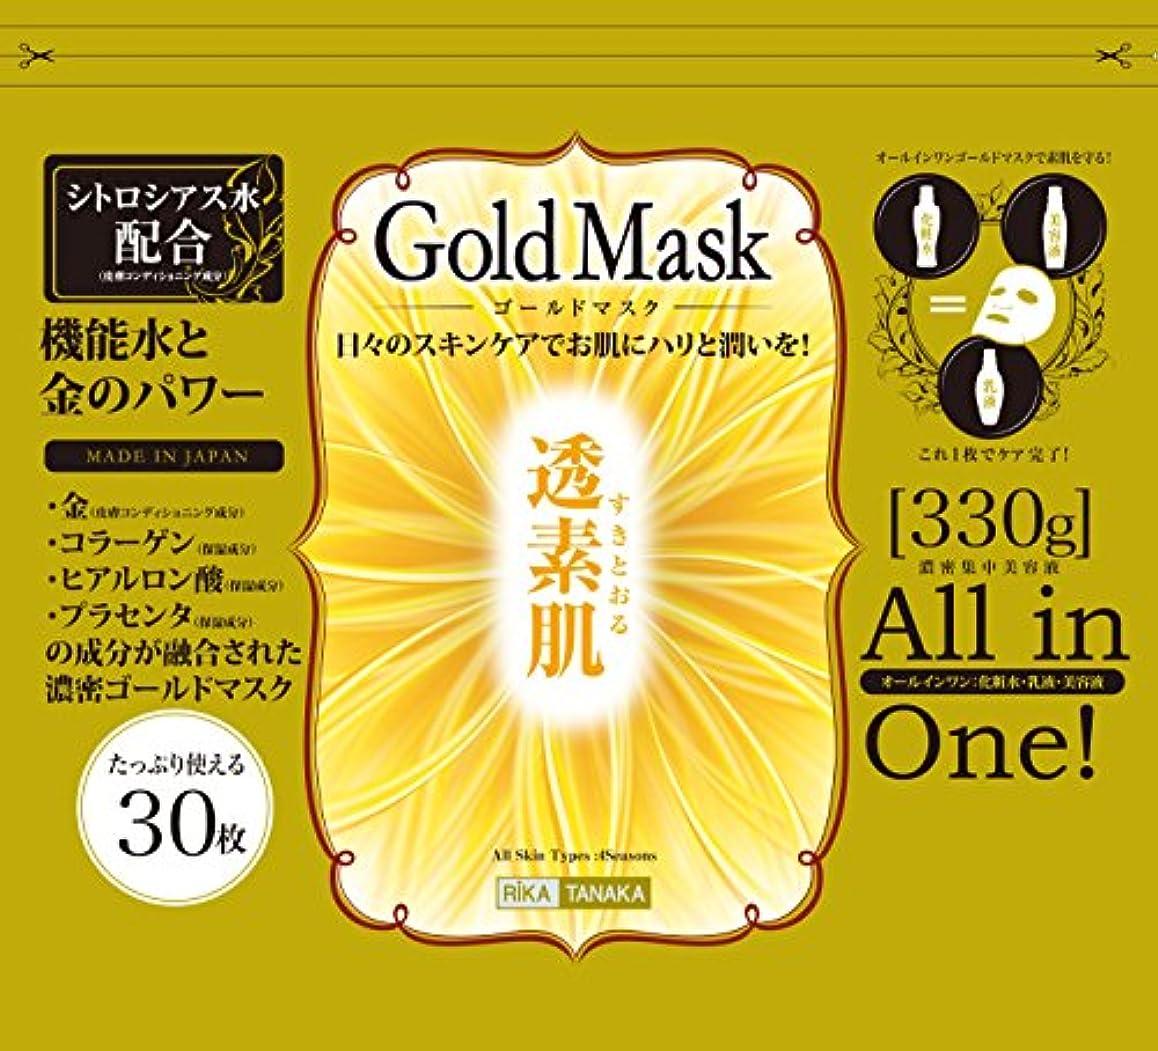 大量電化するスキャンダル金箔入りフェイスマスク 透素肌ゴールドマスク